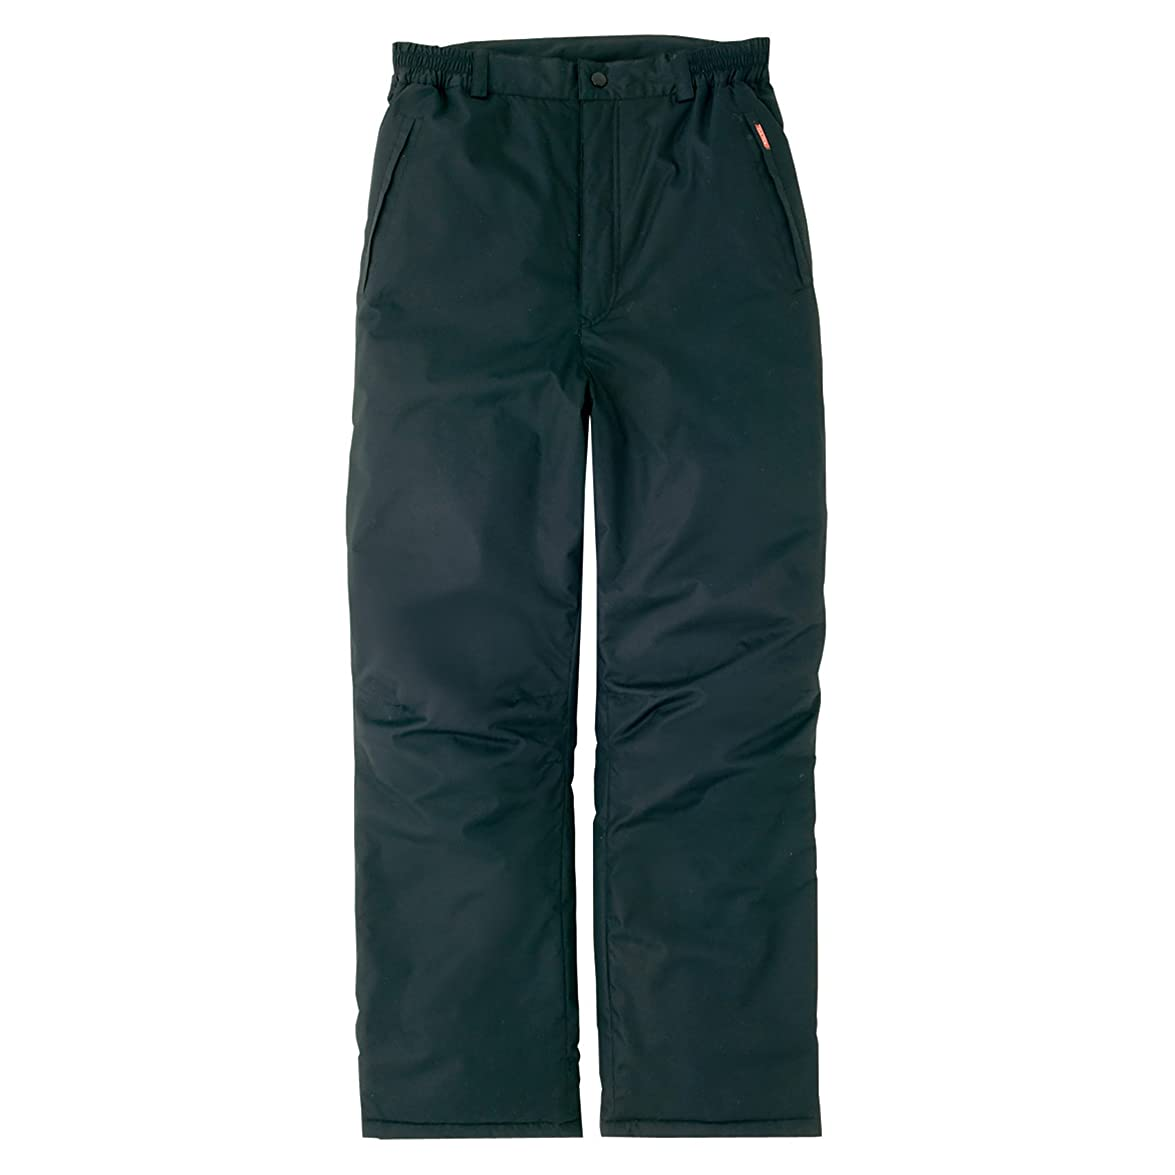 パッドロードされたラッカス【AITOZ】 アイトス 防寒着 裾アジャスター機能付き 防寒パンツ (AZ8472) 【SS~5Lサイズ展開】